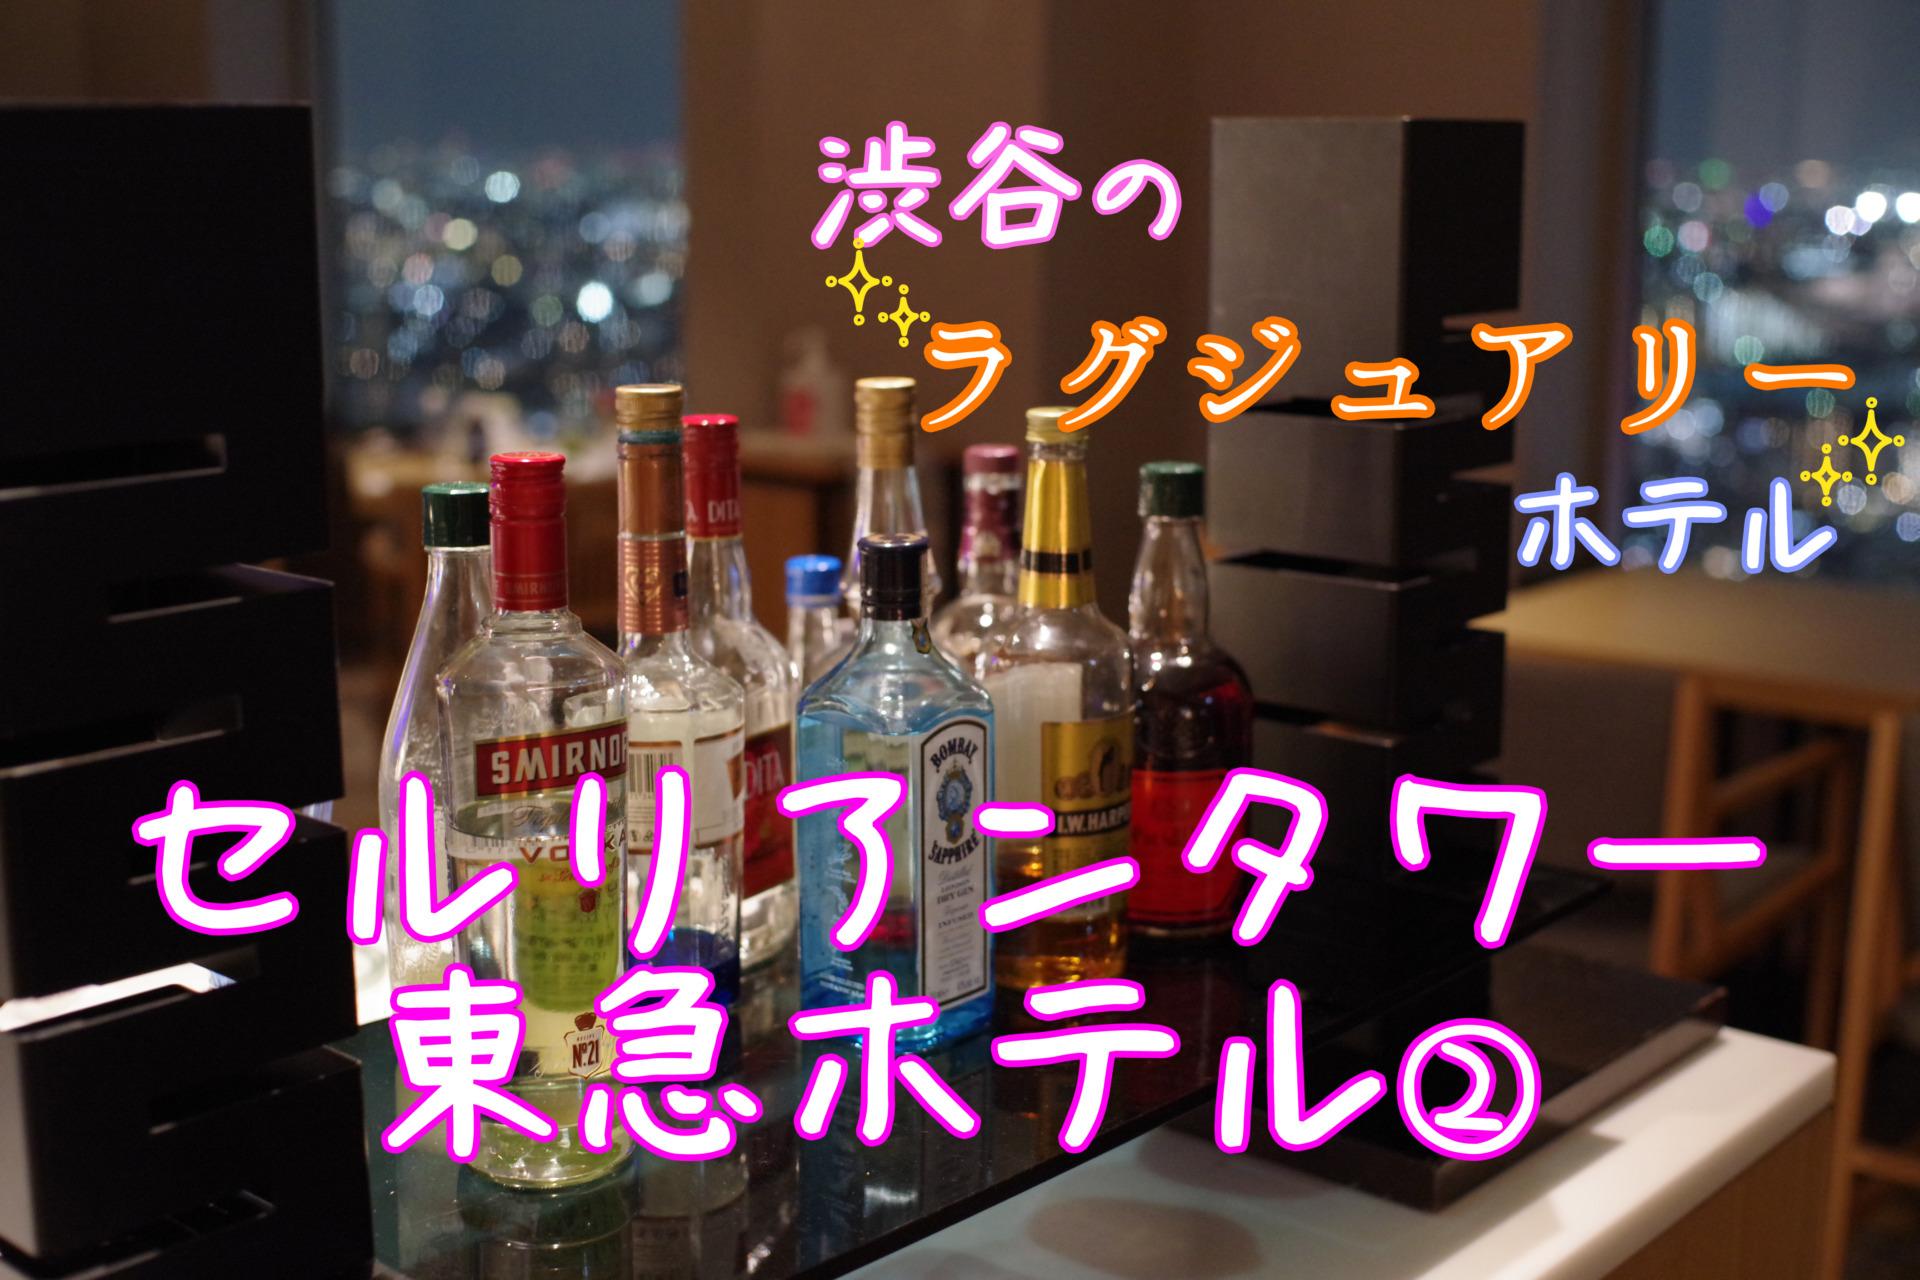 セルリアンタワー東急ホテル 宿泊記 週末物見遊山